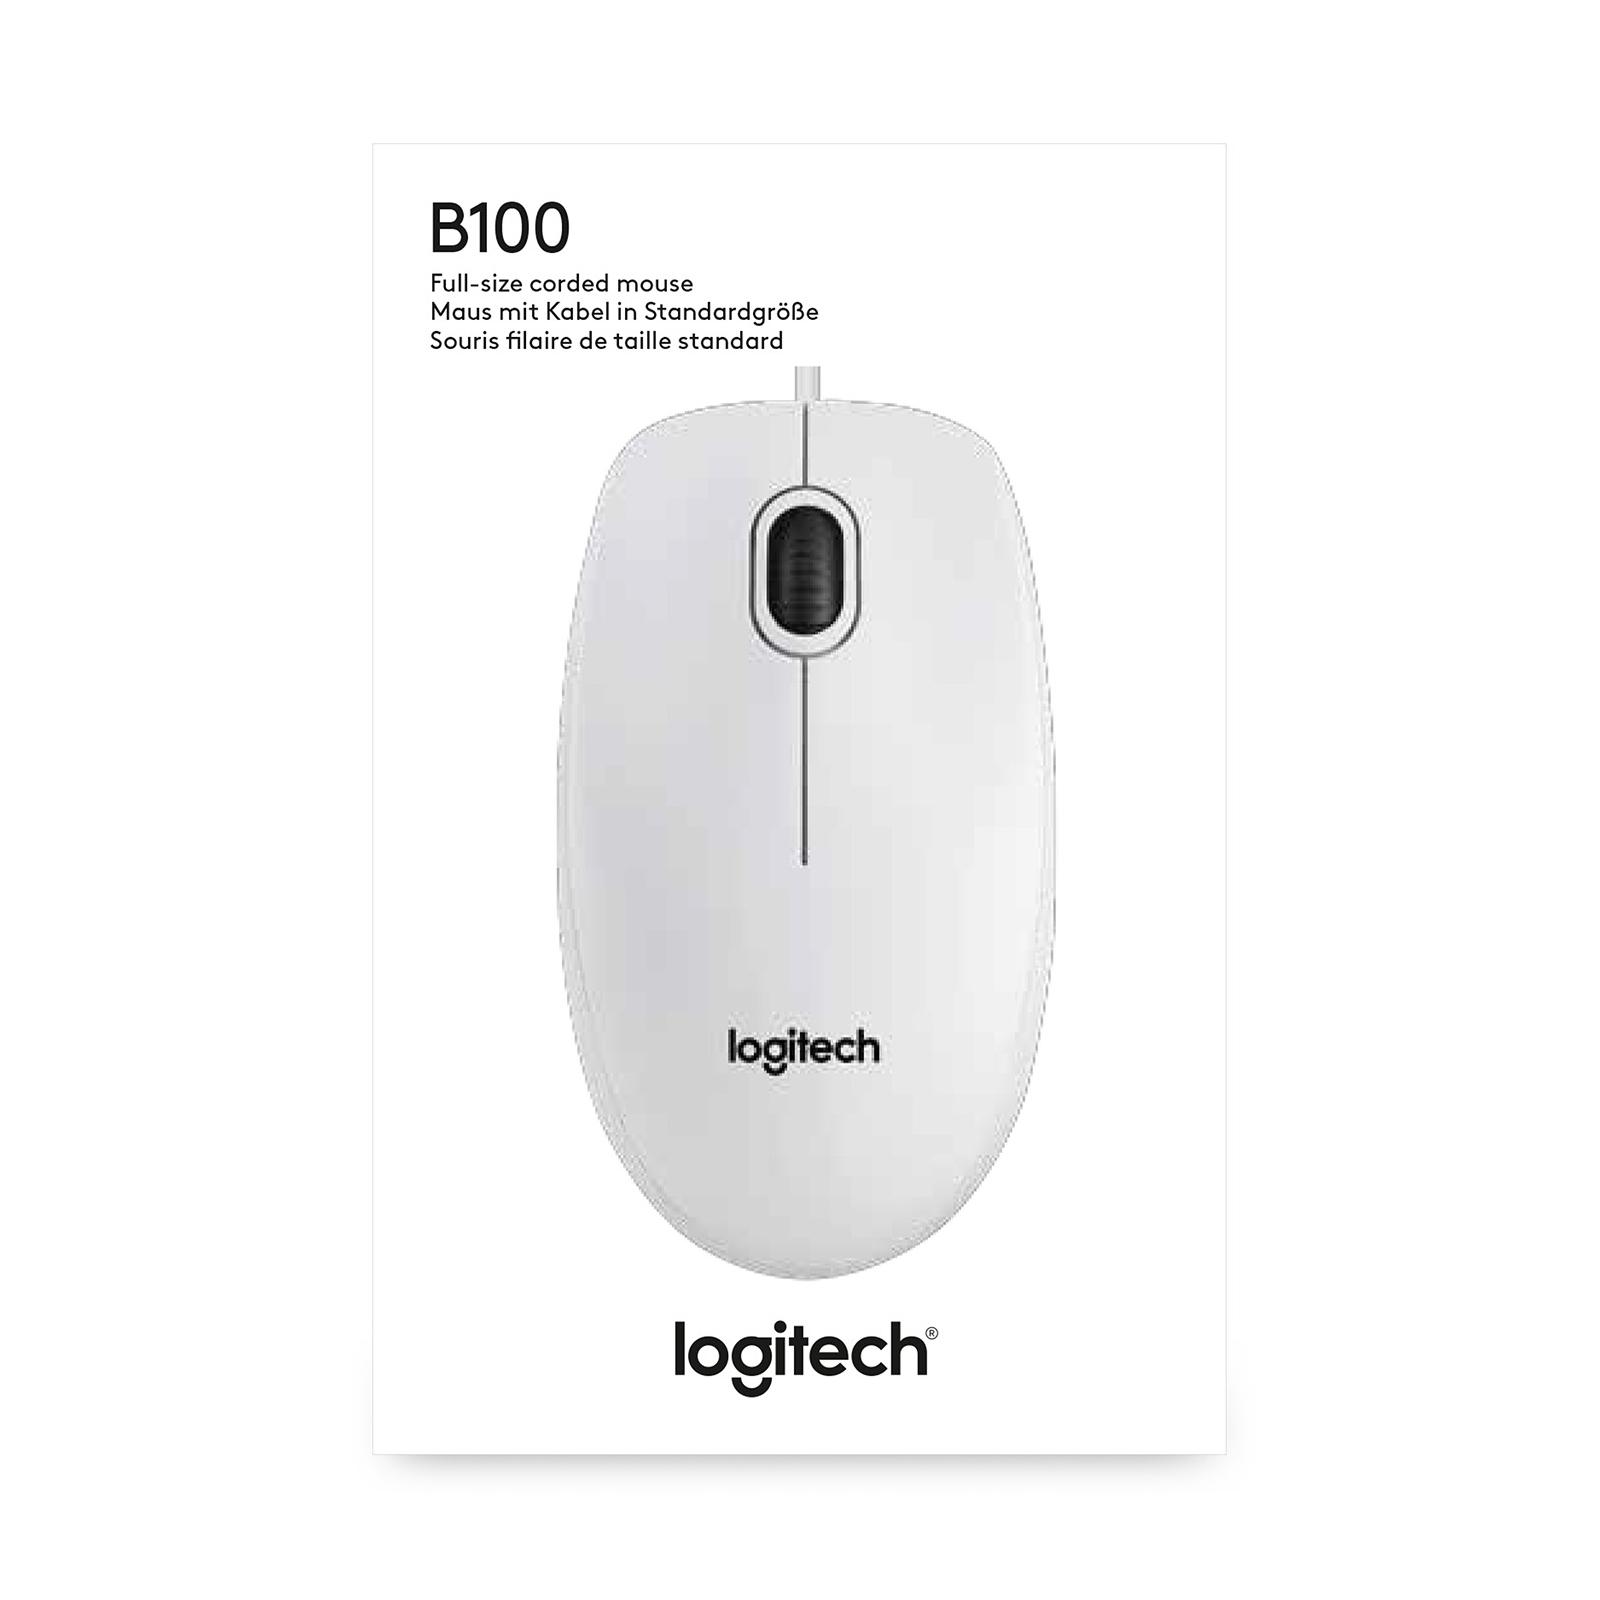 Мышка Logitech B100 (910-003360) изображение 4